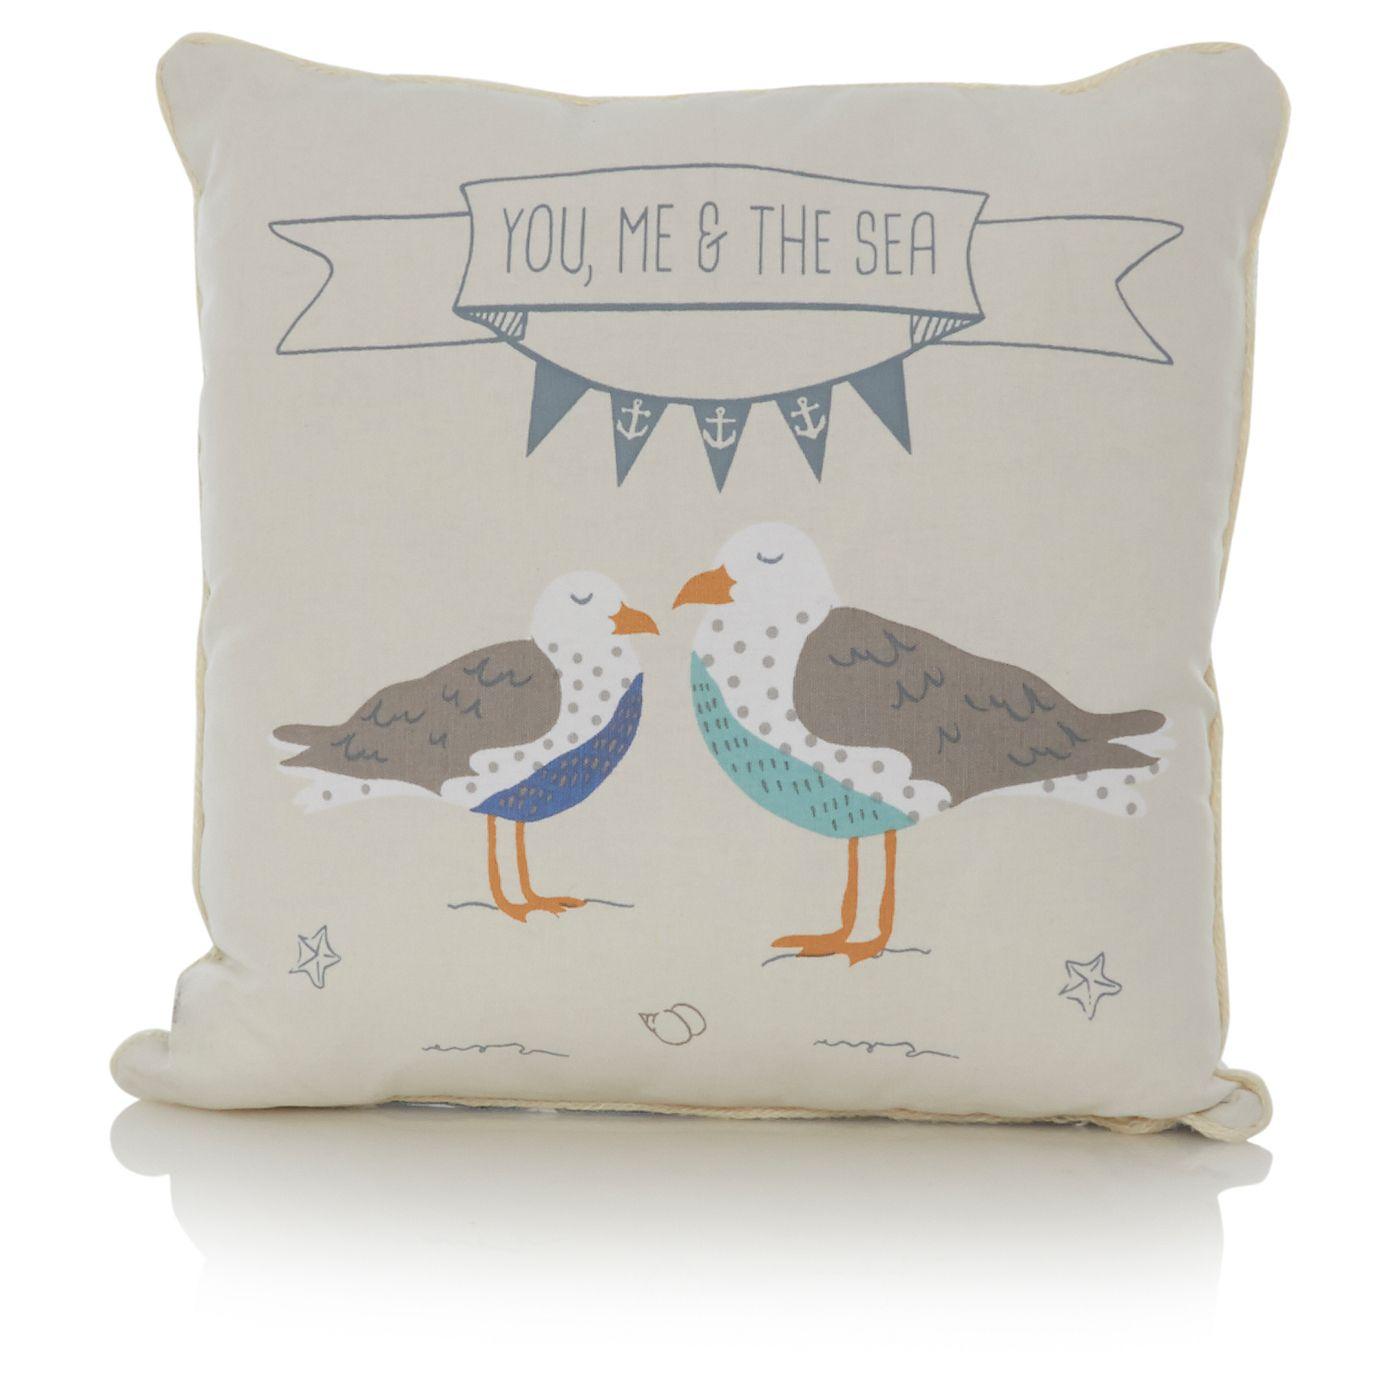 George Home Blue Seagull Cushion Shore ASDA direct